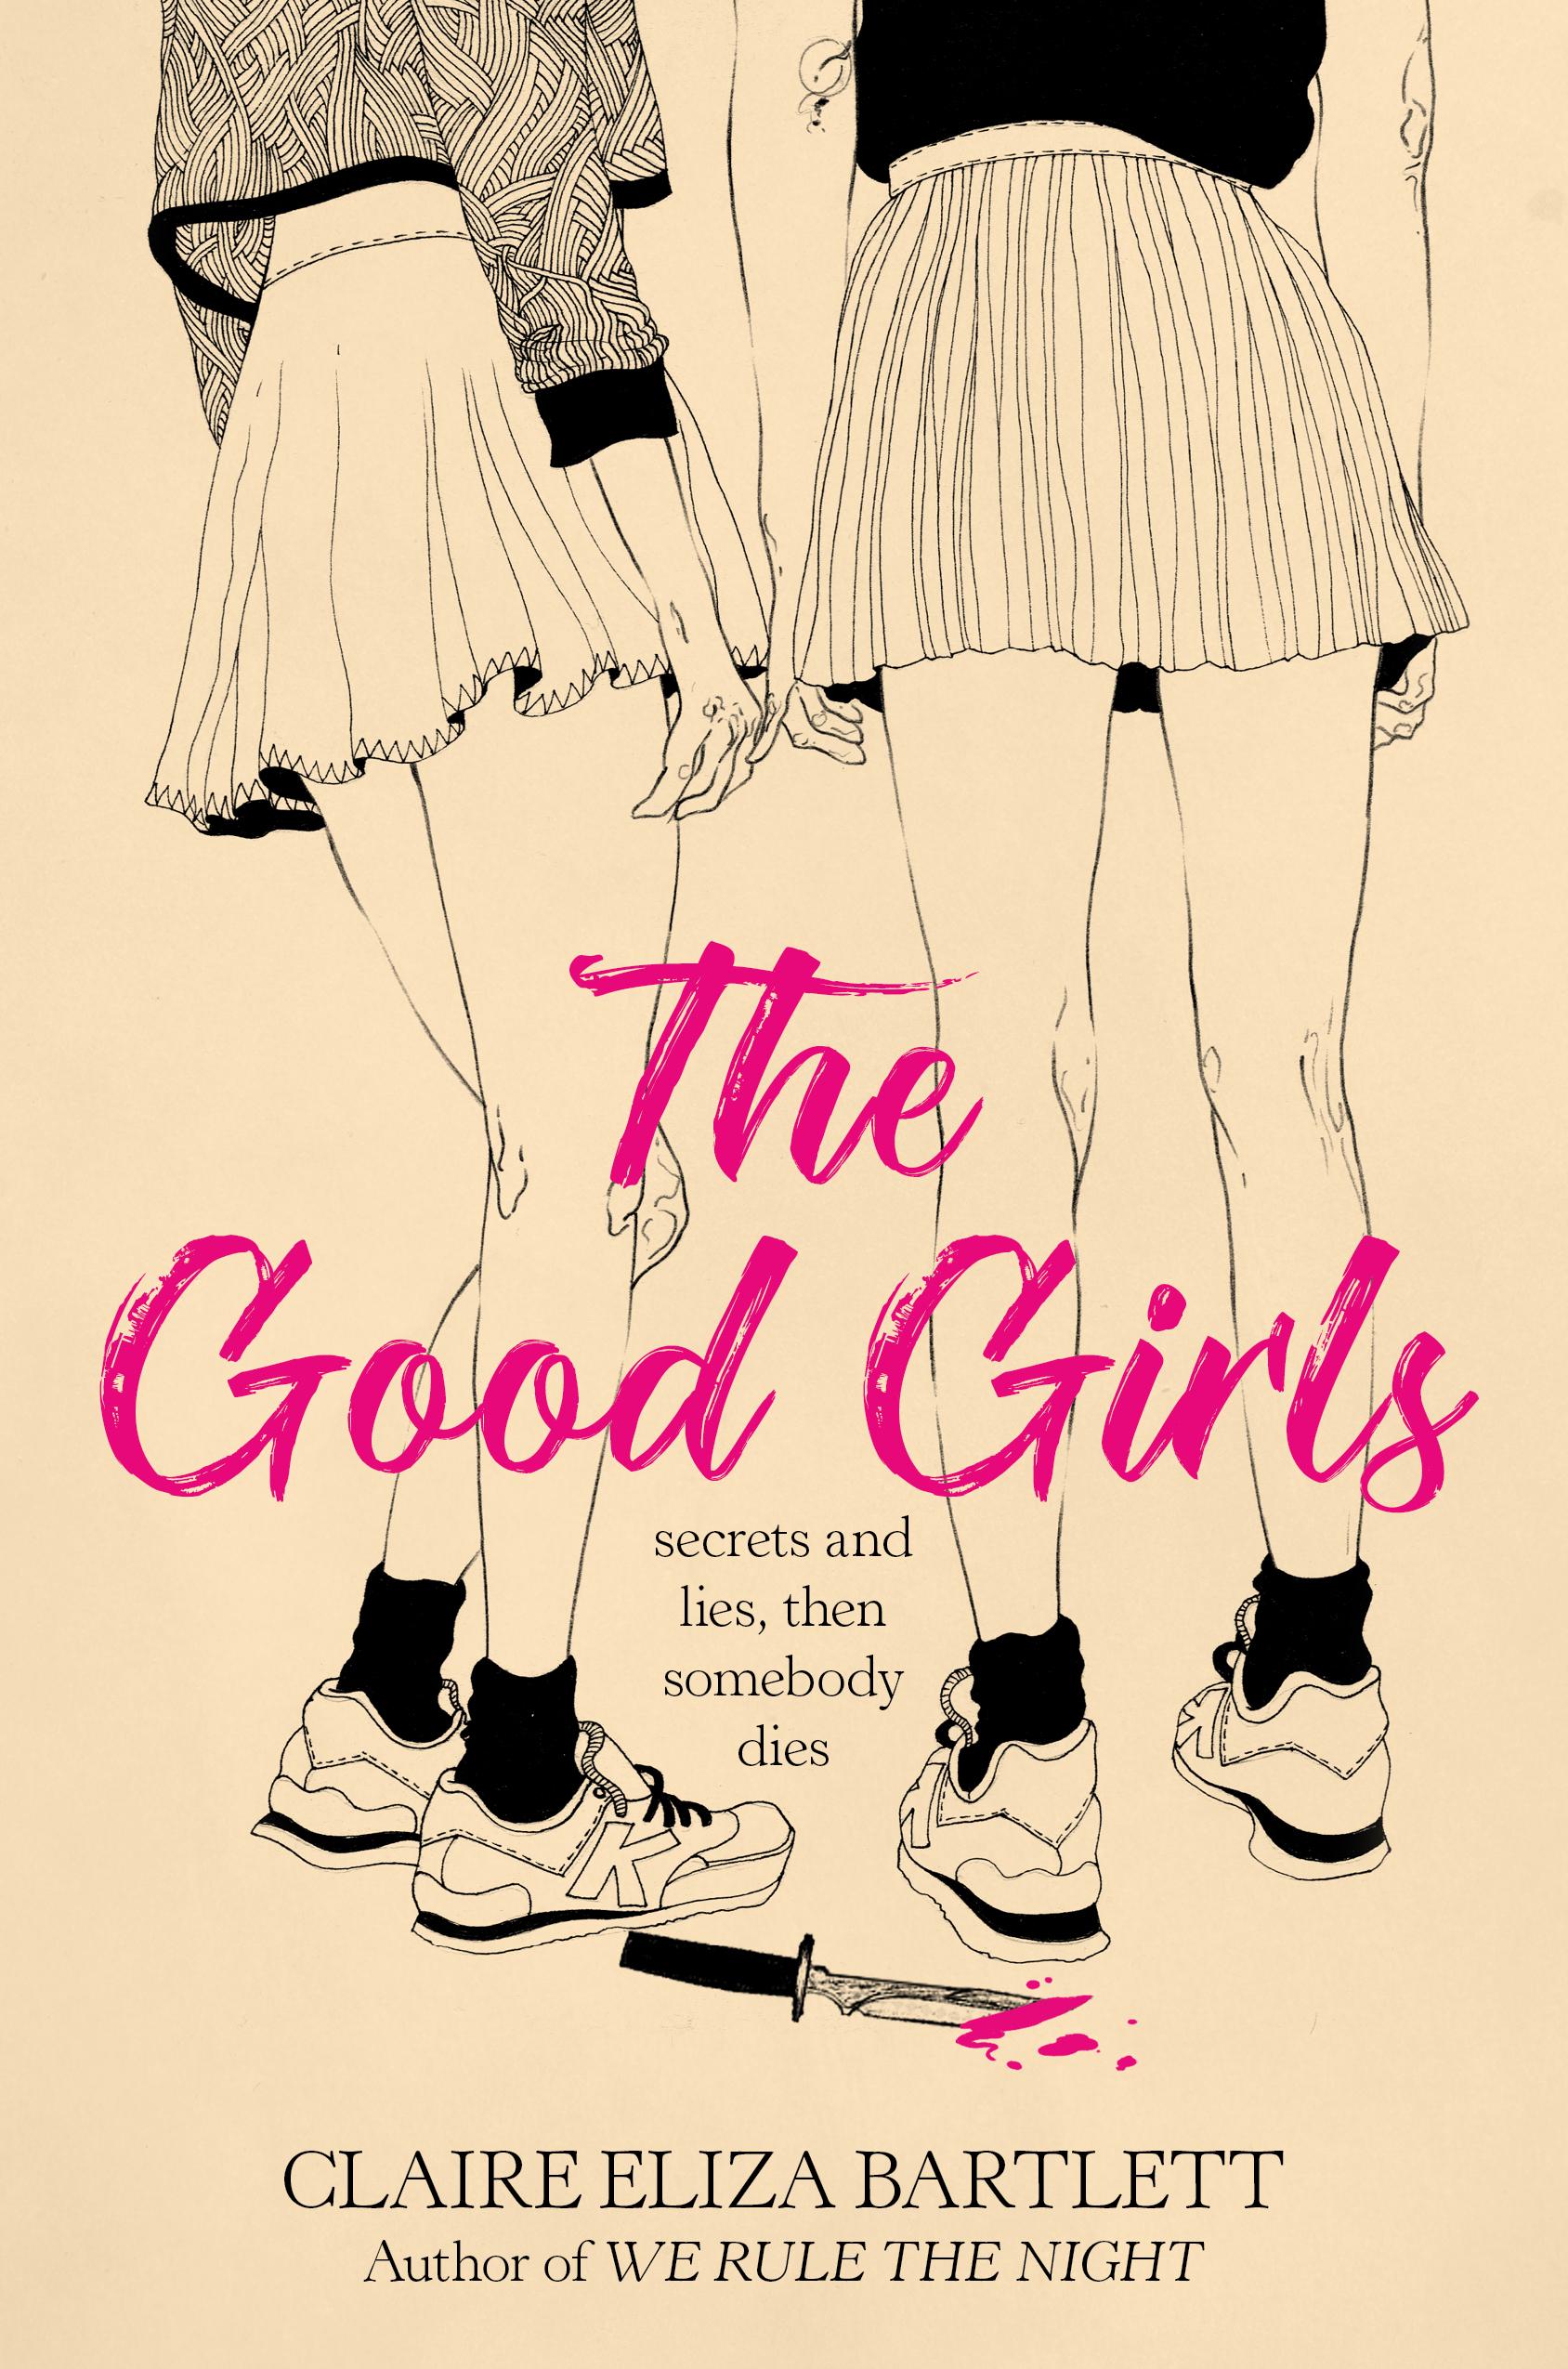 https://www.goodreads.com/book/show/50979372-the-good-girls